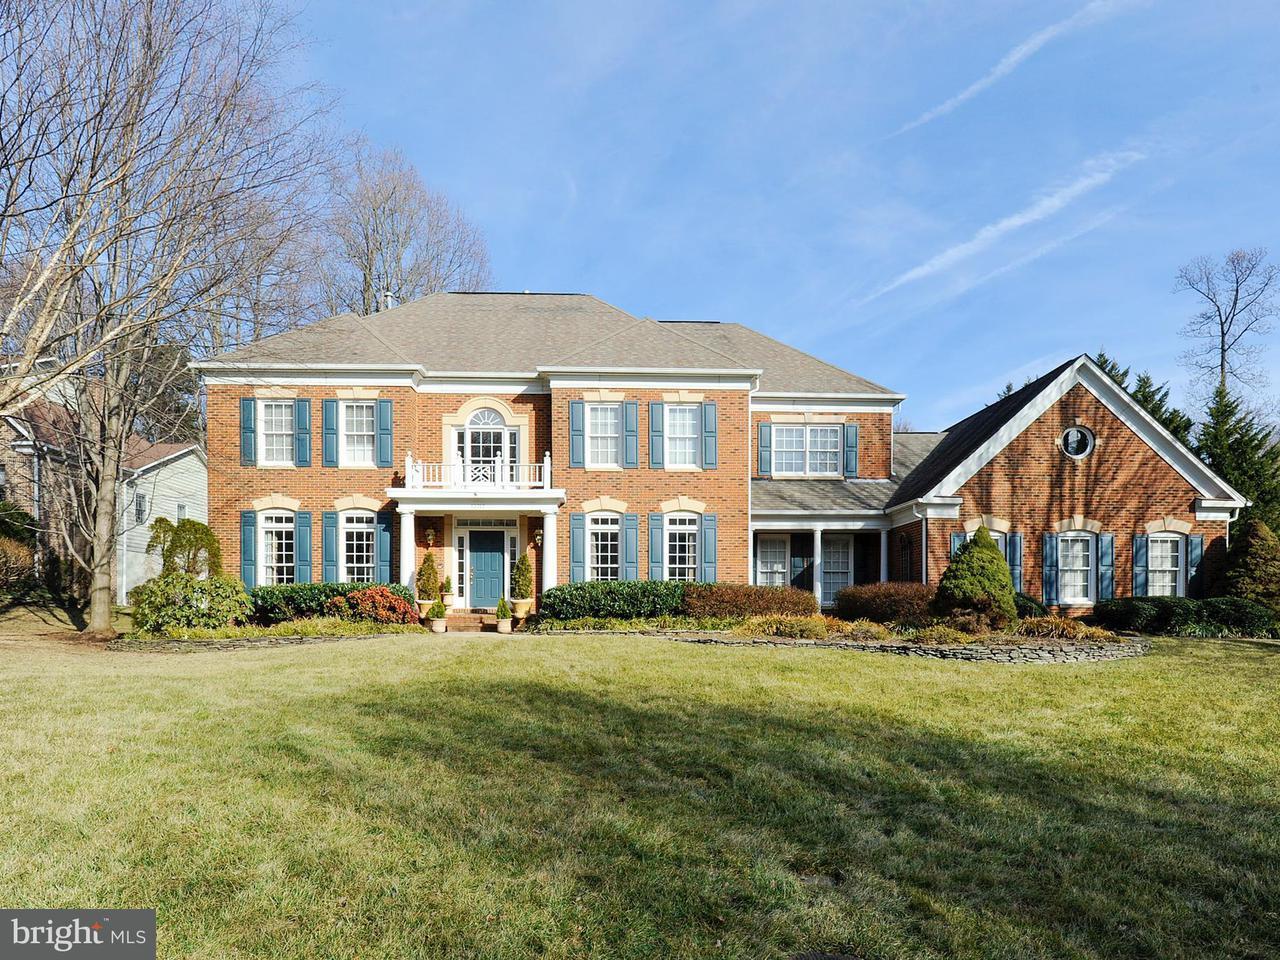 Частный односемейный дом для того Продажа на 12212 Kyler Lane 12212 Kyler Lane Herndon, Виргиния 20171 Соединенные Штаты